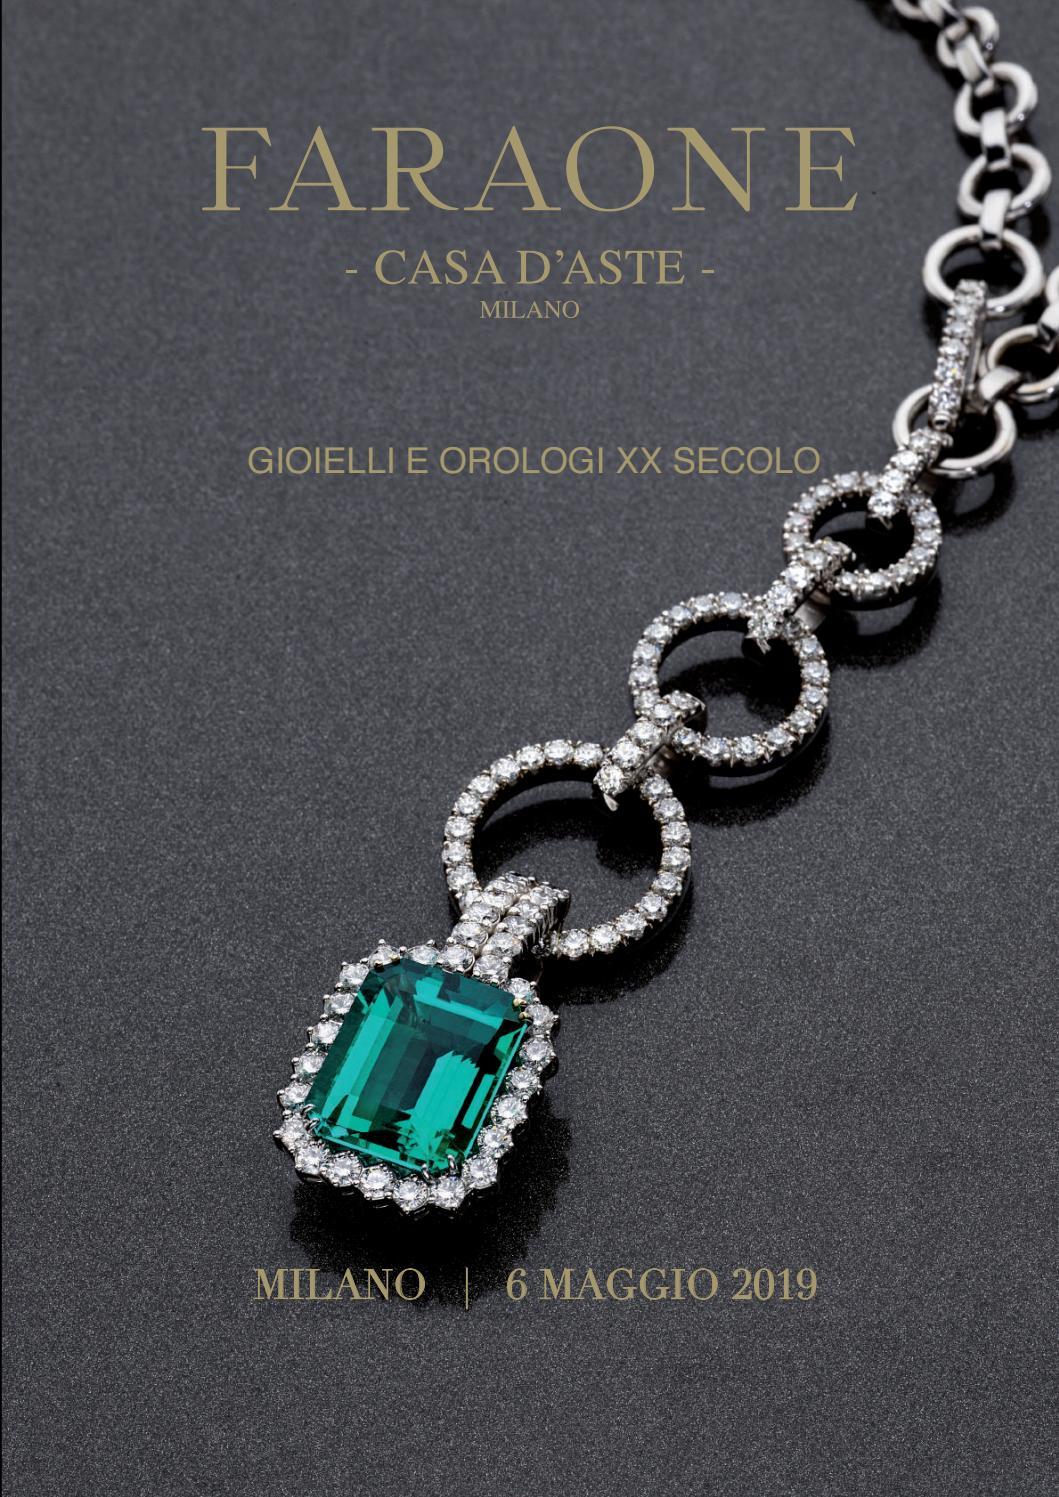 datazione gioielli Tiffany